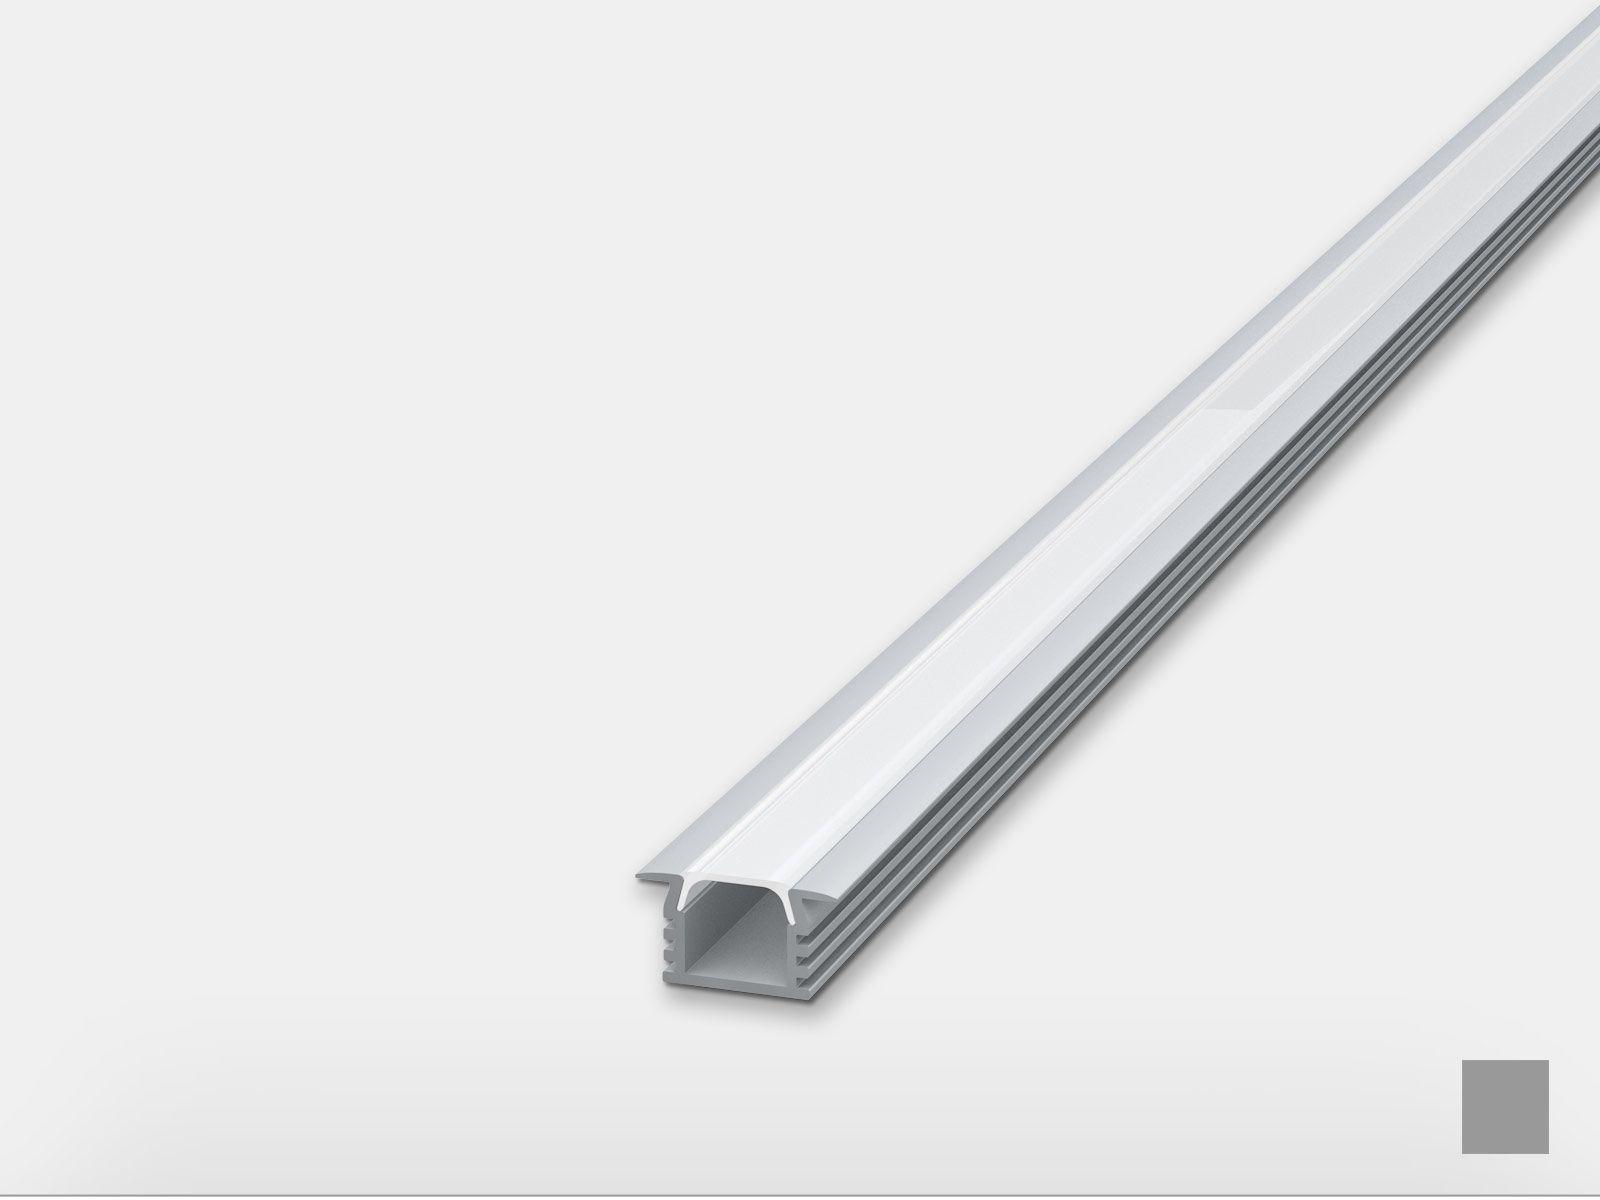 Led Alu Profil Fkt With Images Led Aluminum Profile Led Led Decor